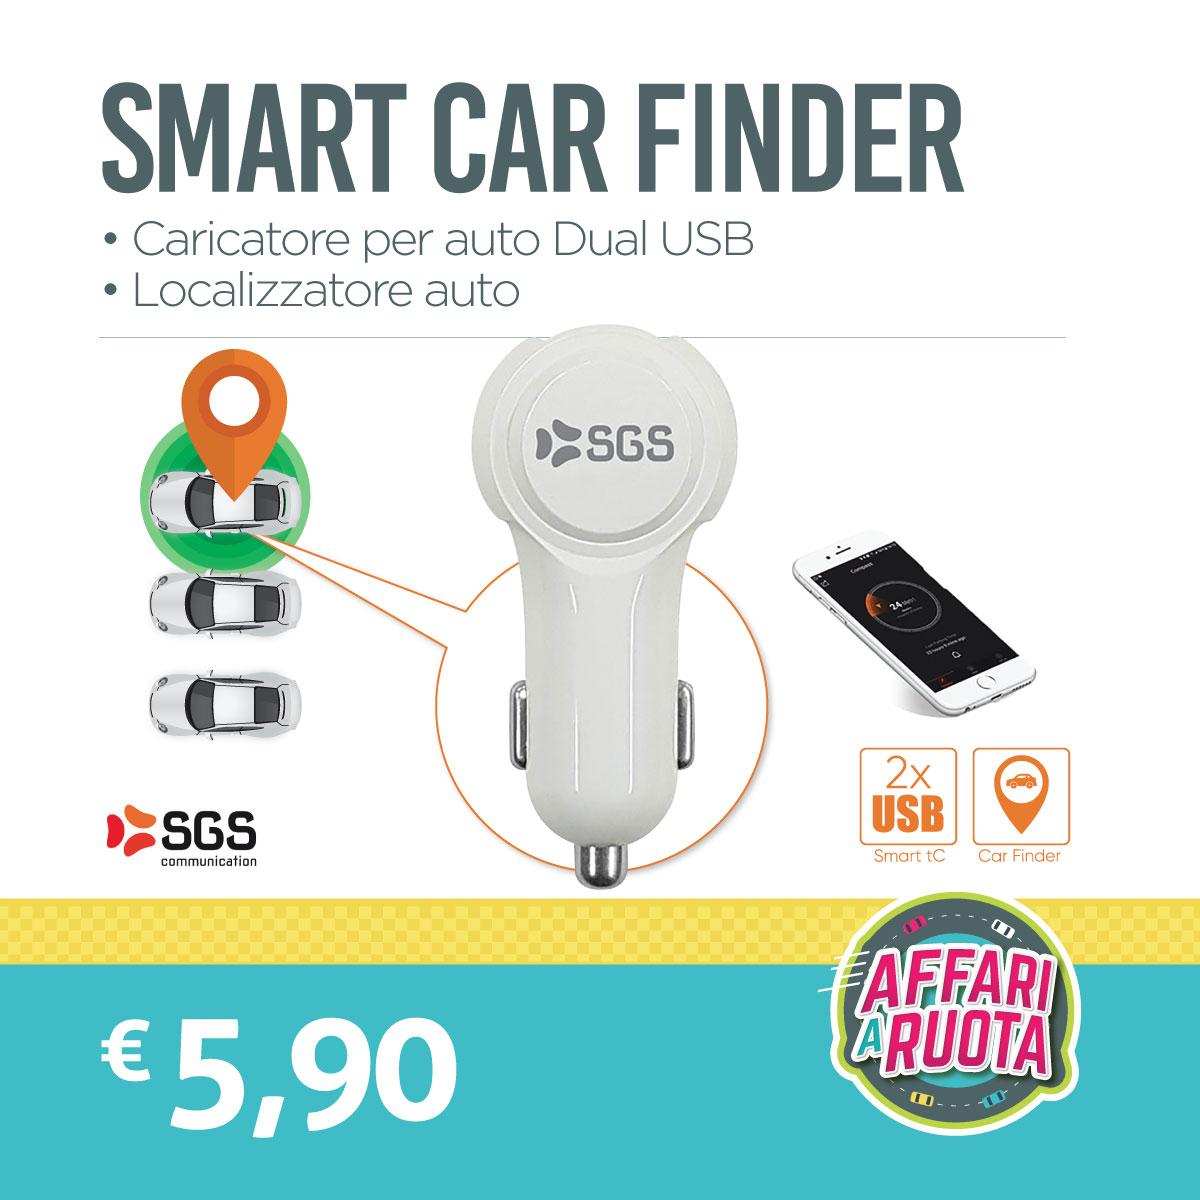 Smart Car Finder